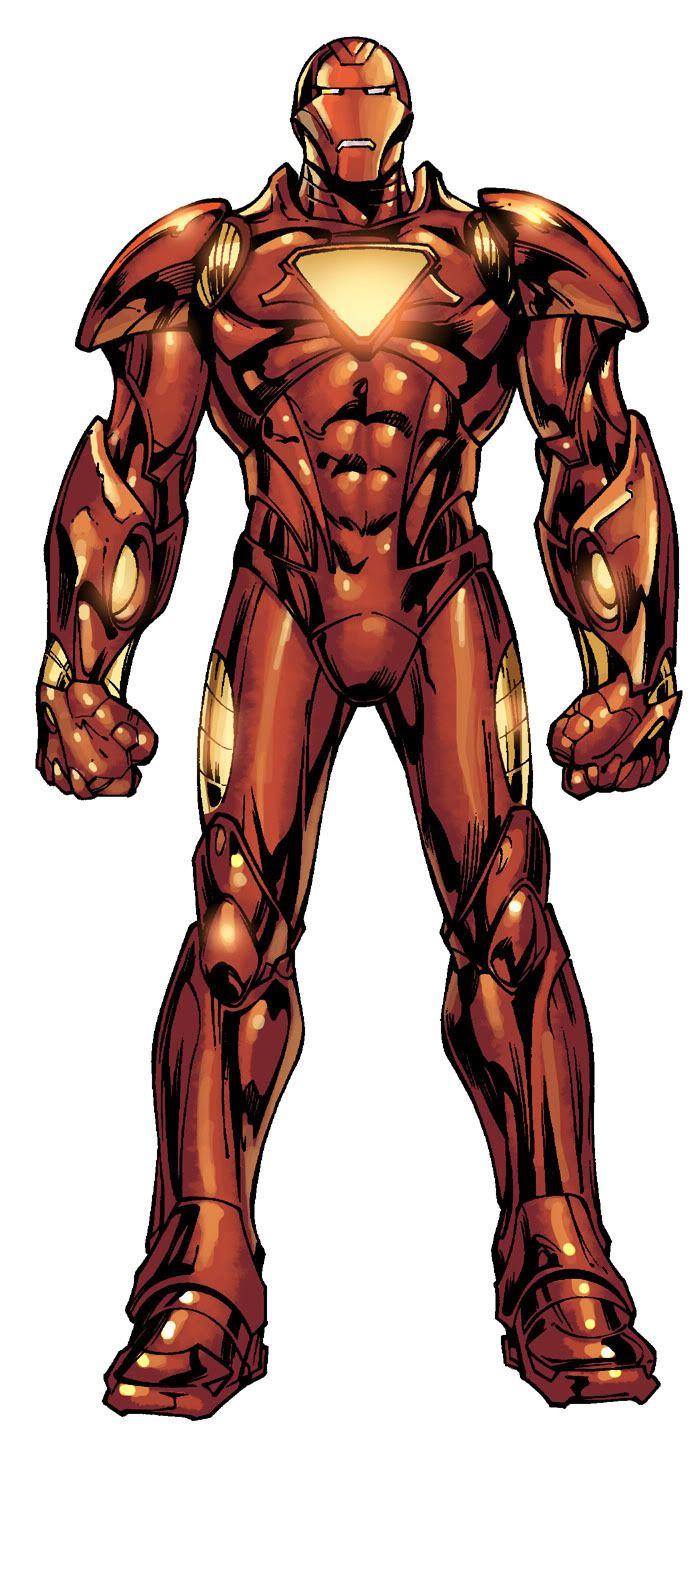 Model 31 | Iron Man Wiki | FANDOM powered by Wikia